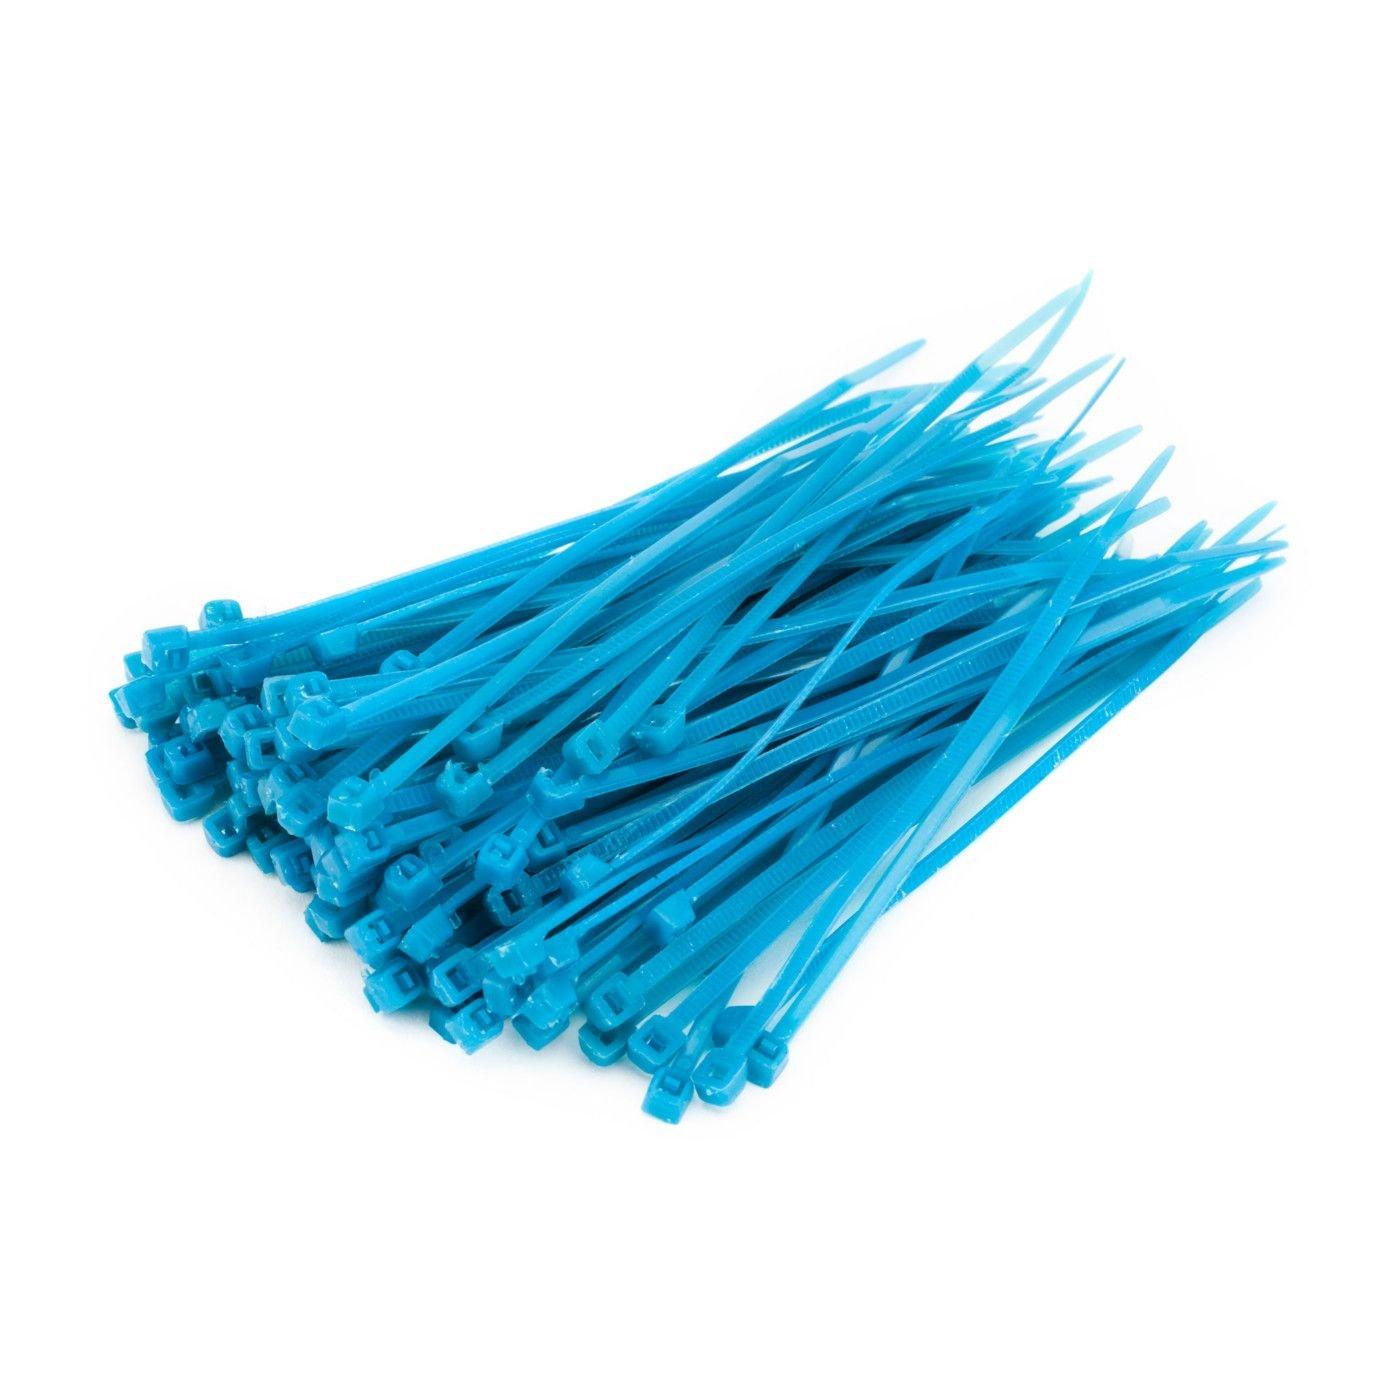 Small Cable Tie (100), Blue   B005I0ILOE